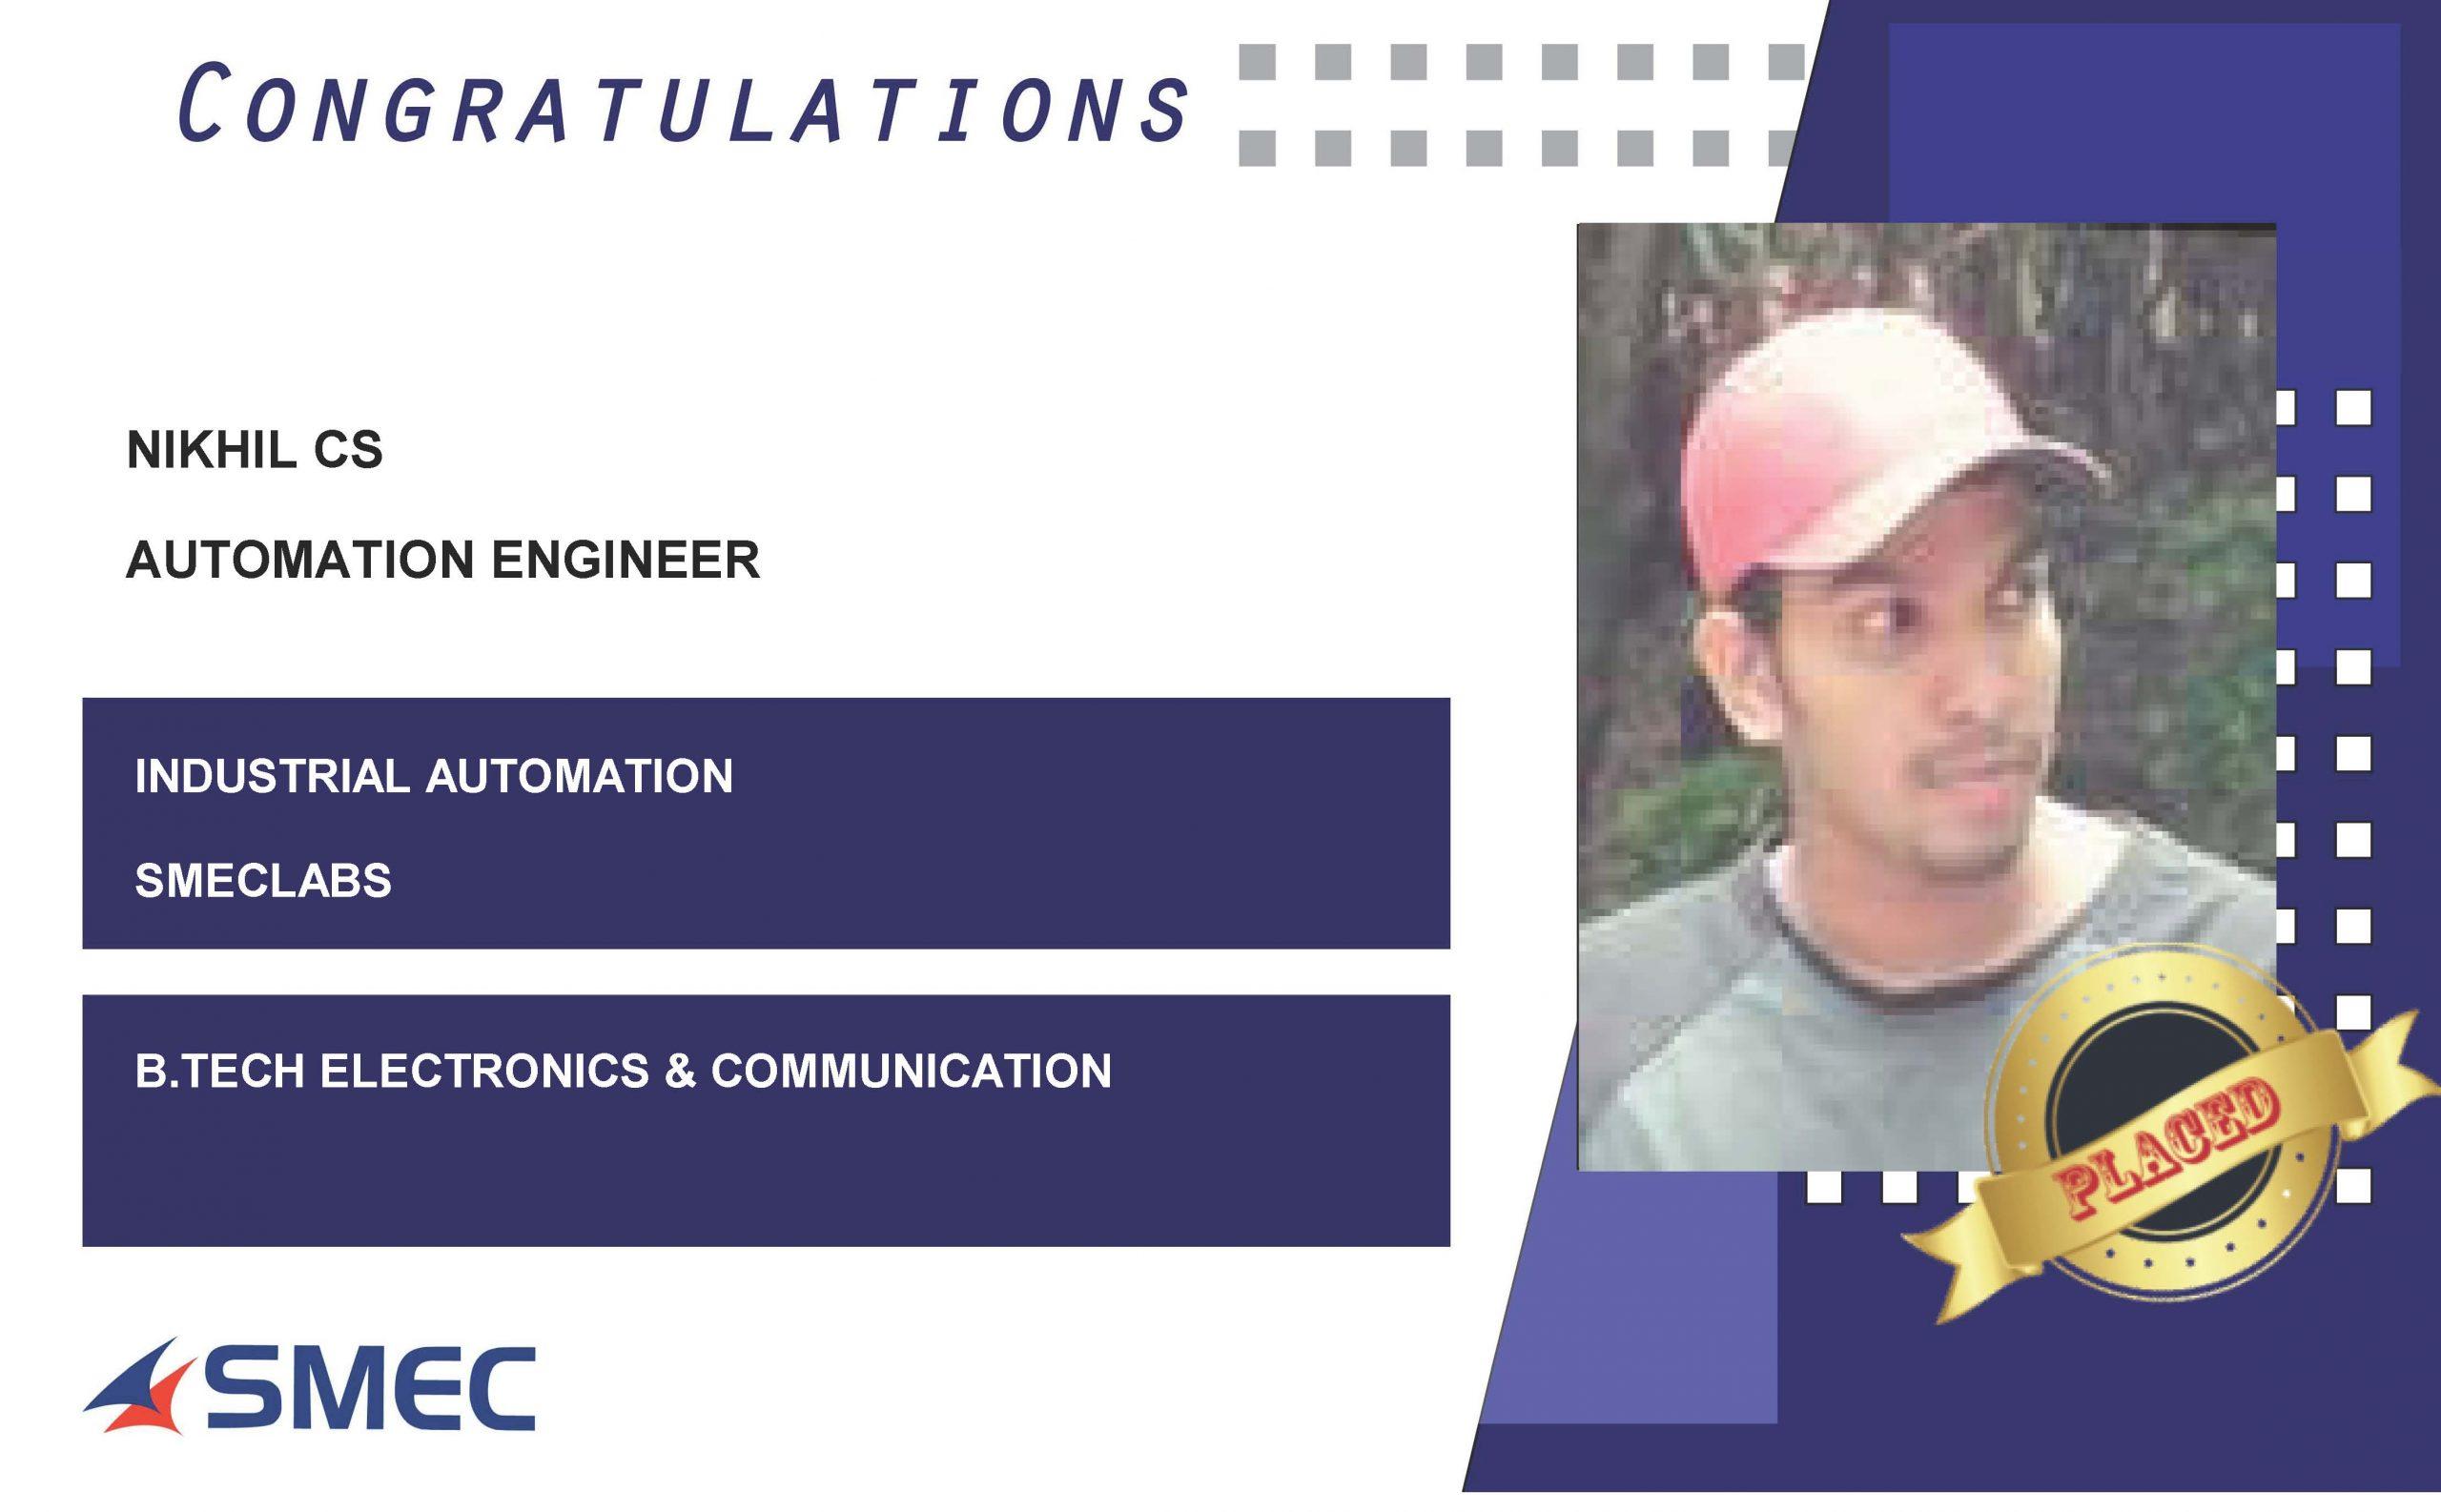 AUTOMATION ENGINEER CAREER-NIKHIL C.S